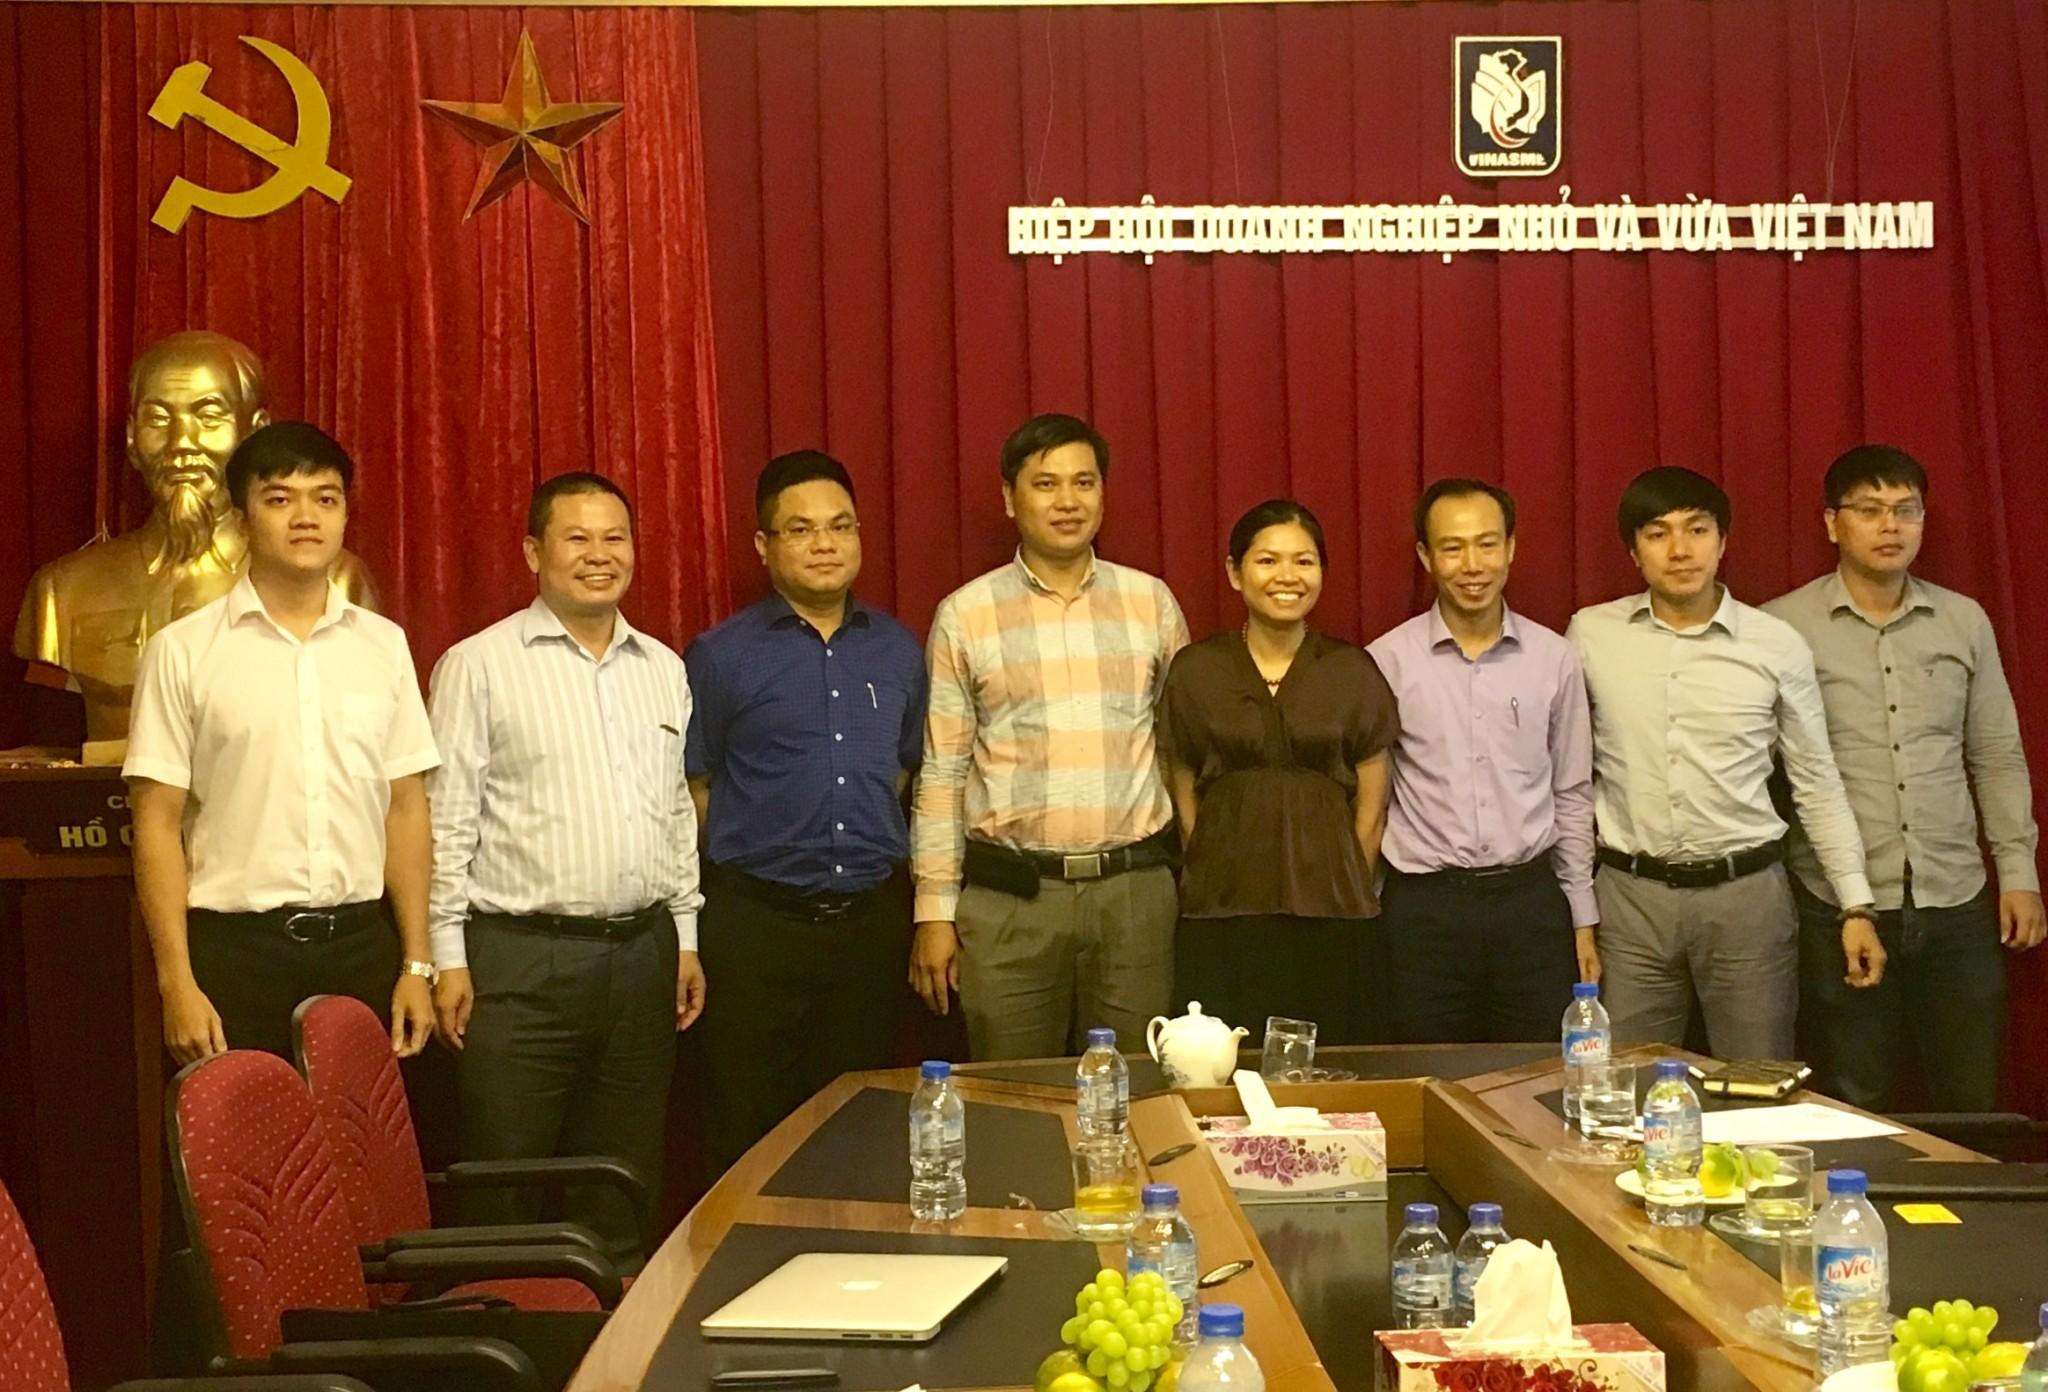 Luật sư SBLAW tham gia khảo sát nhu cầu sử dụng dịch vụ pháp lý tại Việt Nam